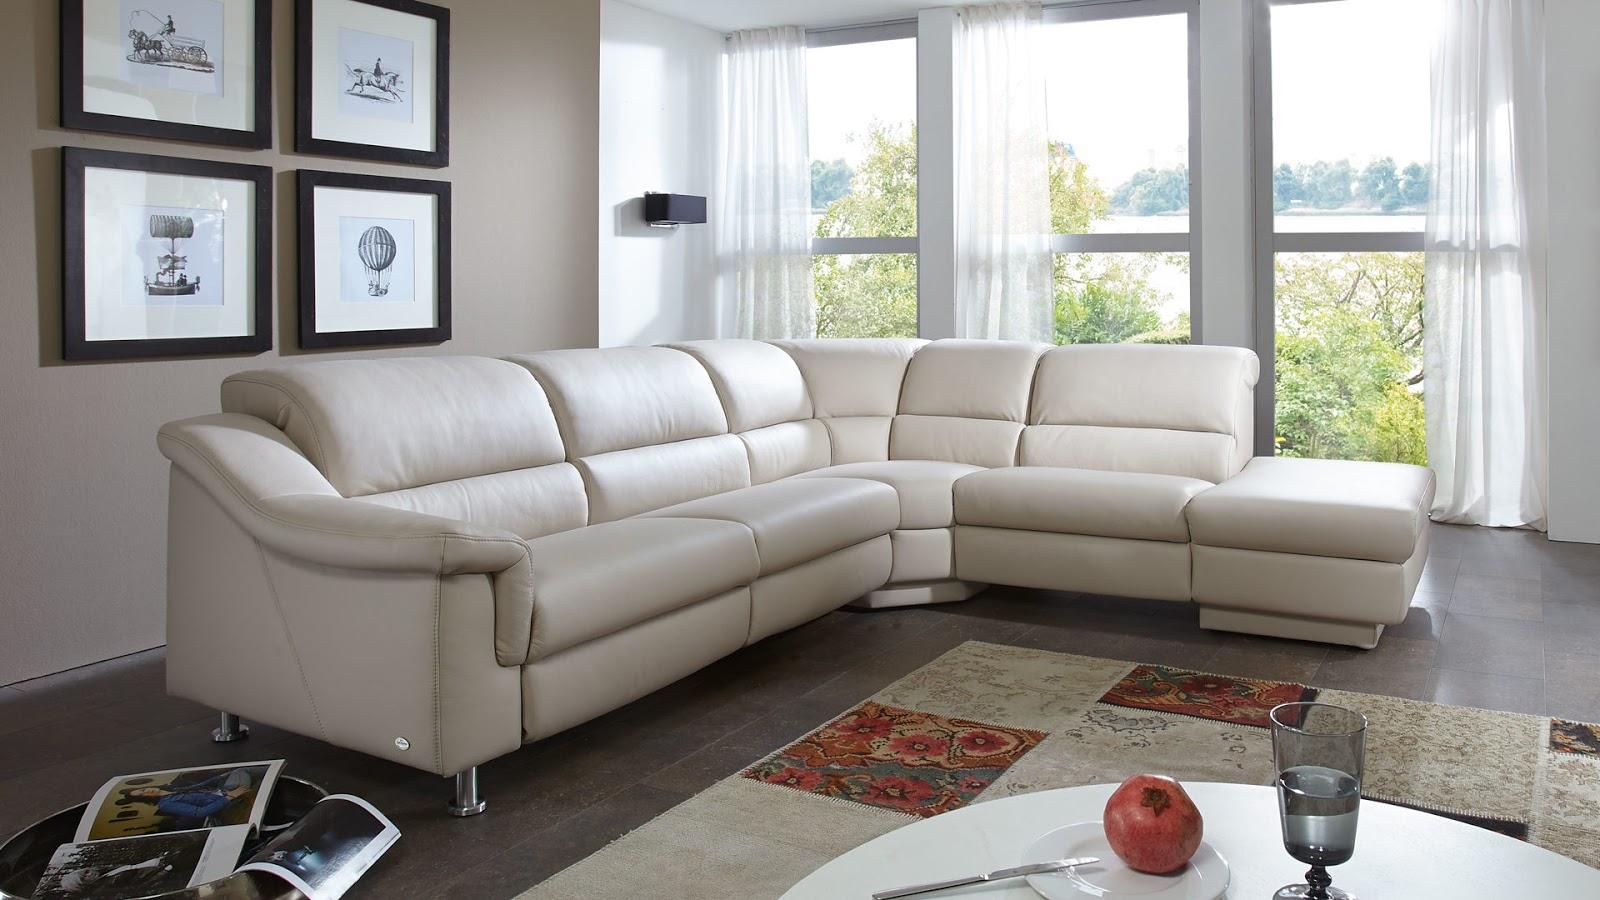 wohnzimmer accessoires modern - Home Creation